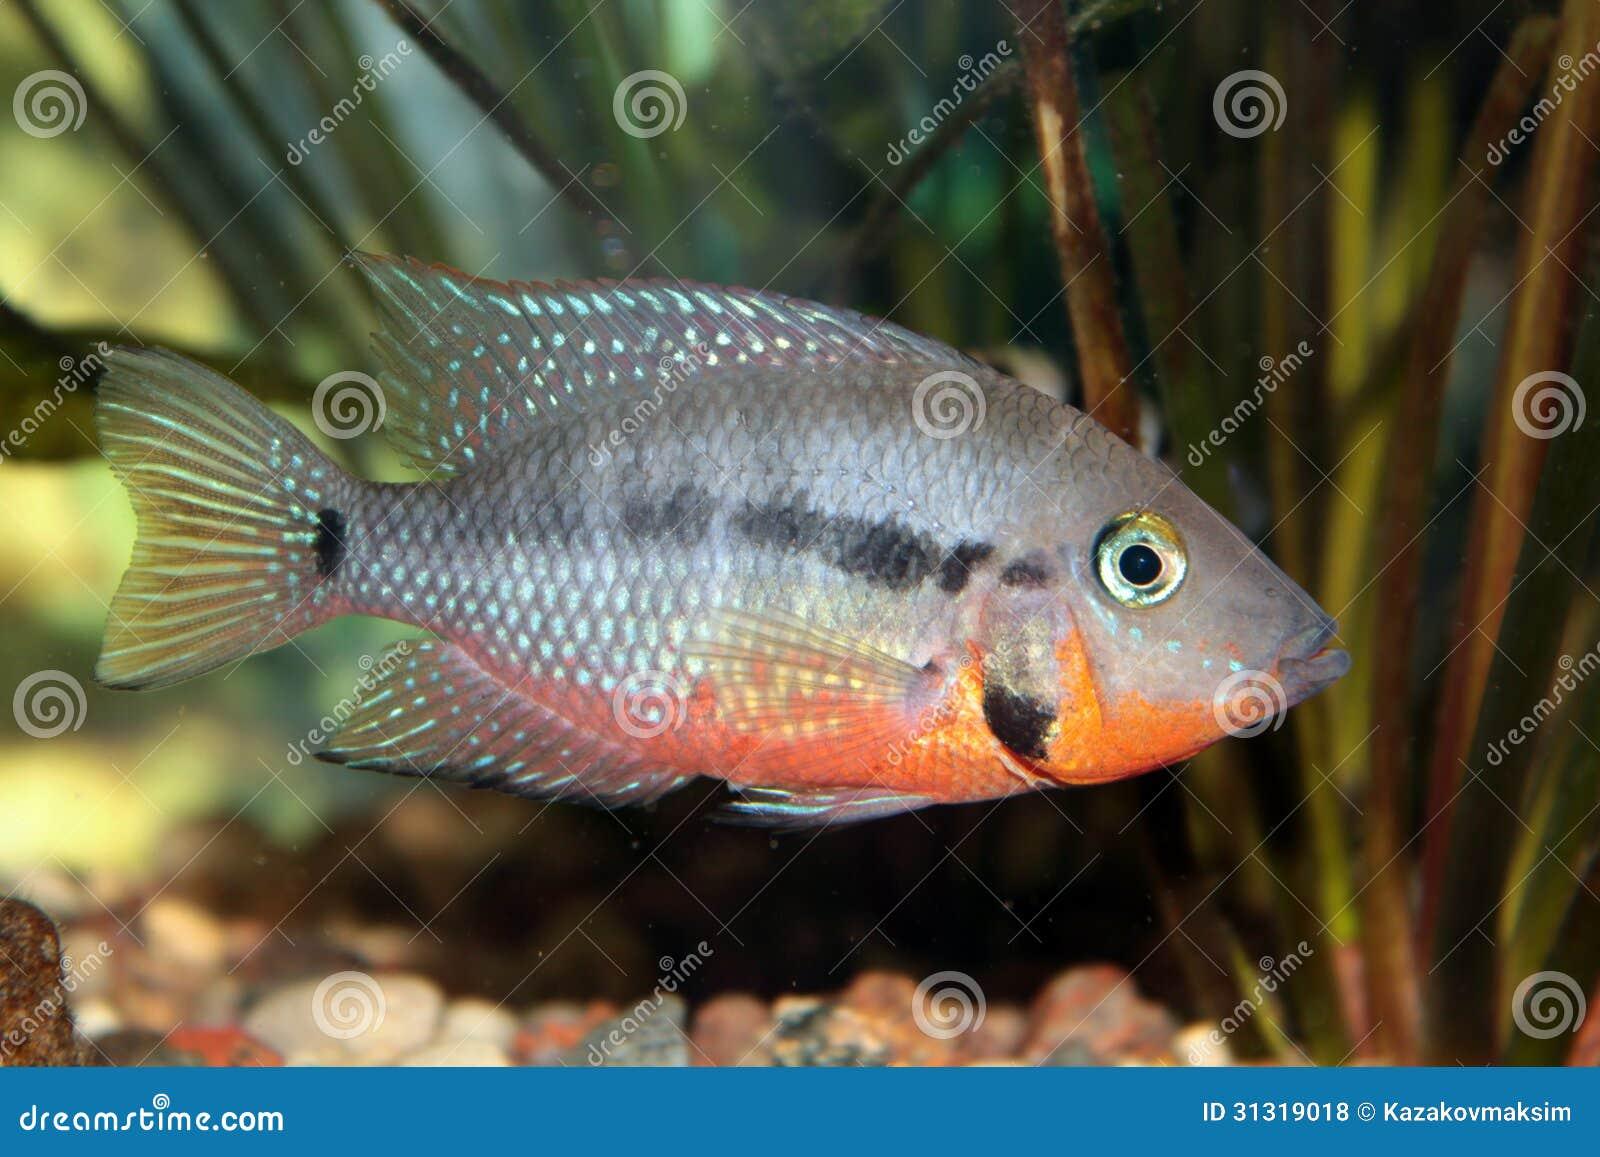 Freshwater aquarium fish cichlids - Firemouth Cichlid Thorichthys Meeki